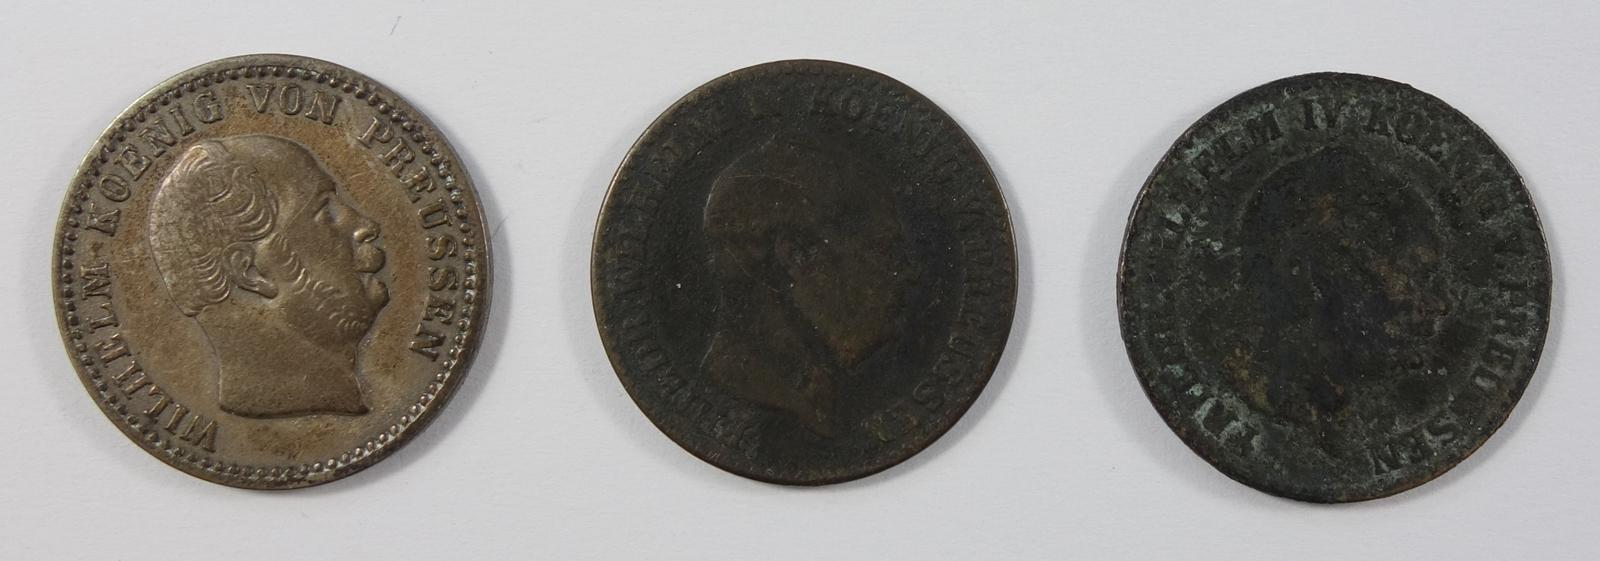 3* 2 1/2 Silbergroschen, Preussen: Wilhelm IV, 1855 A; Wilhelm I, 1863 A; Friedrich Wilhelm IV, 1854